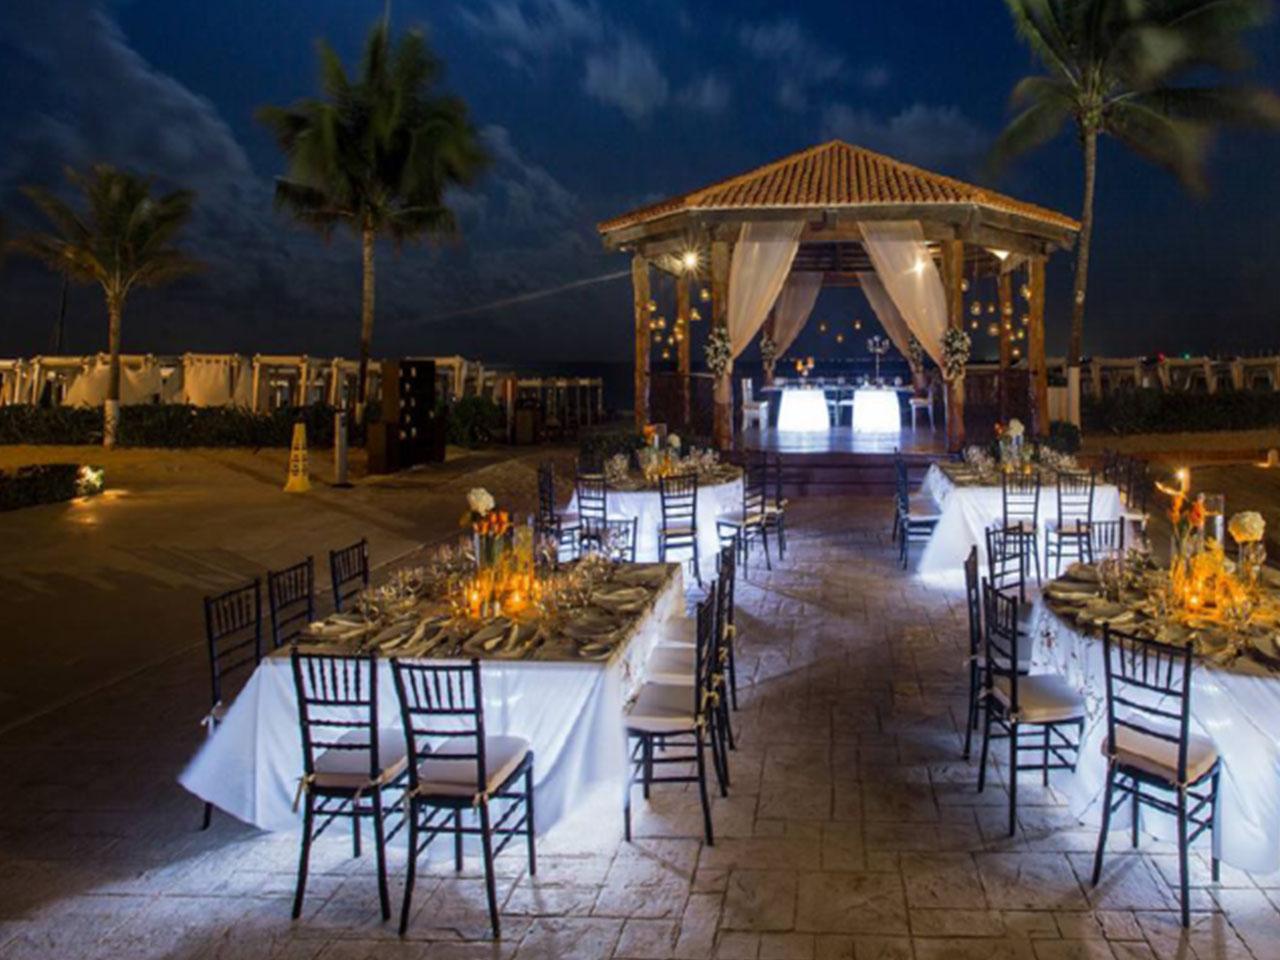 wedding Planner en Monterrey, Boda en la playa, Las mejores bodas en la playa en México -Paquete Nacional: 50 personas